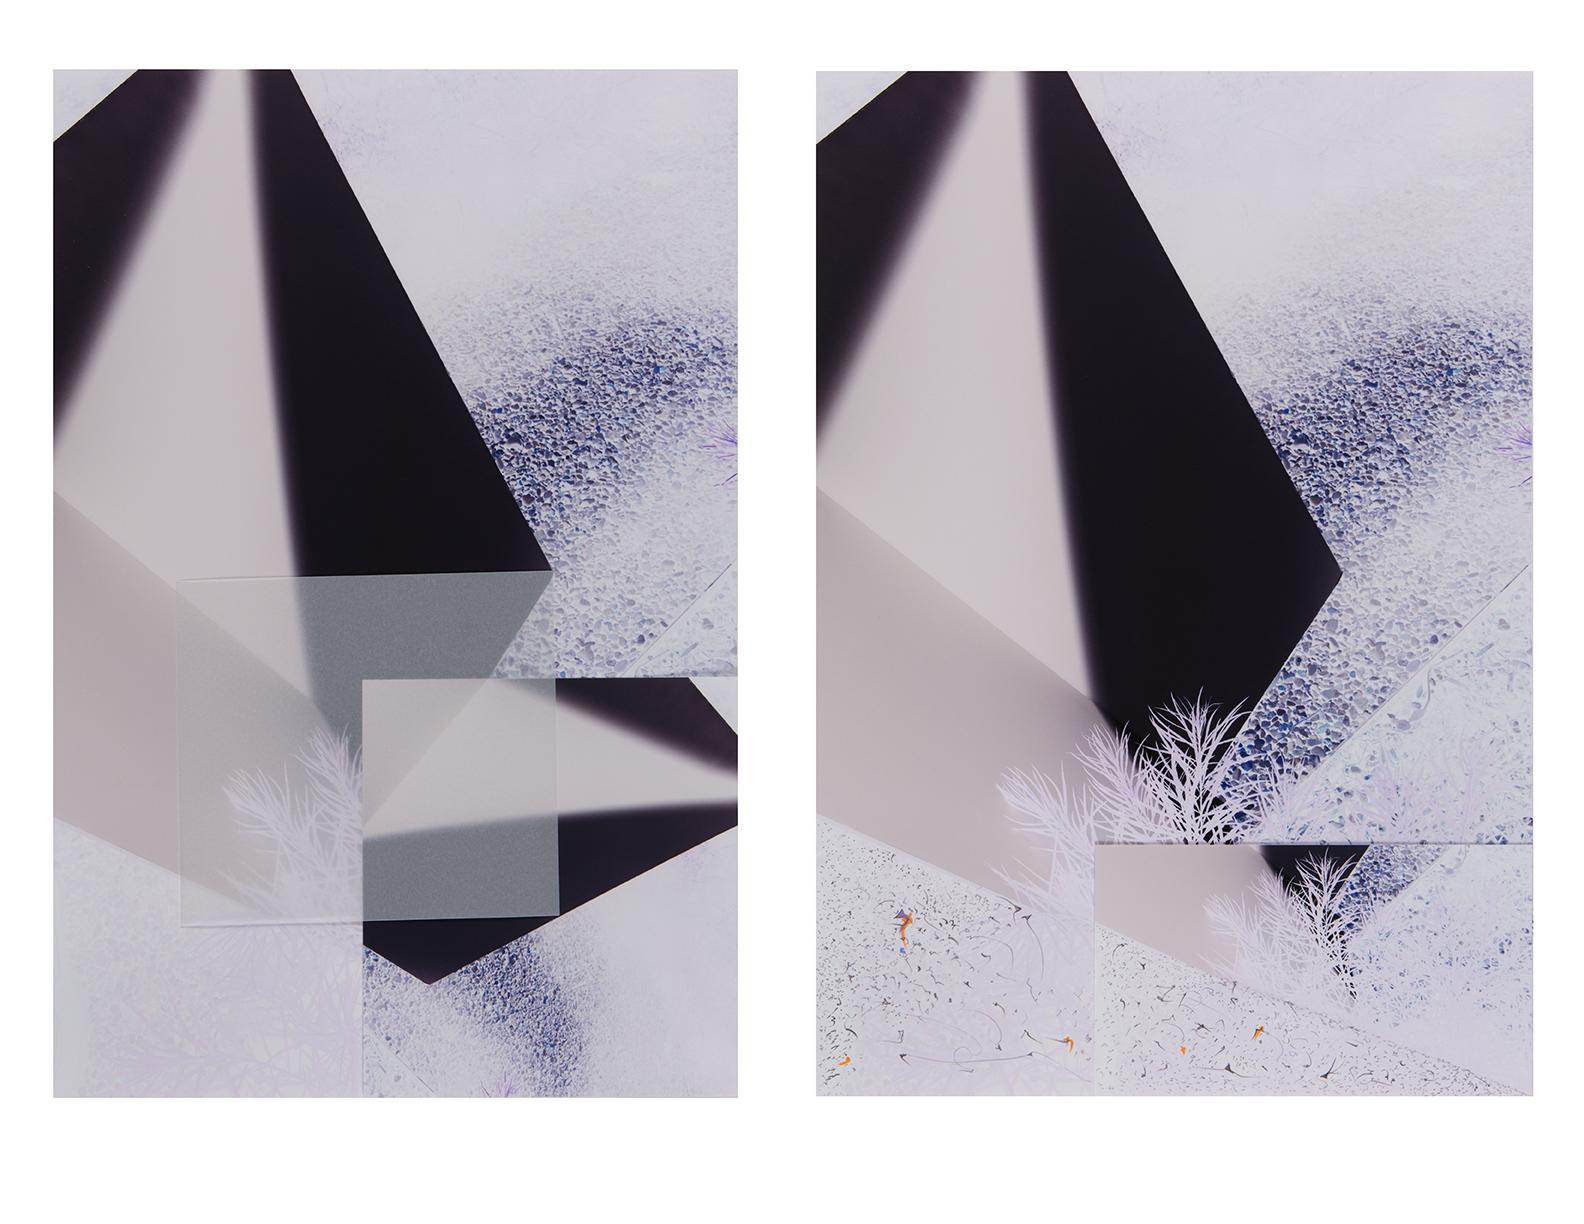 LC18_262+263, Each 16.5 x 11